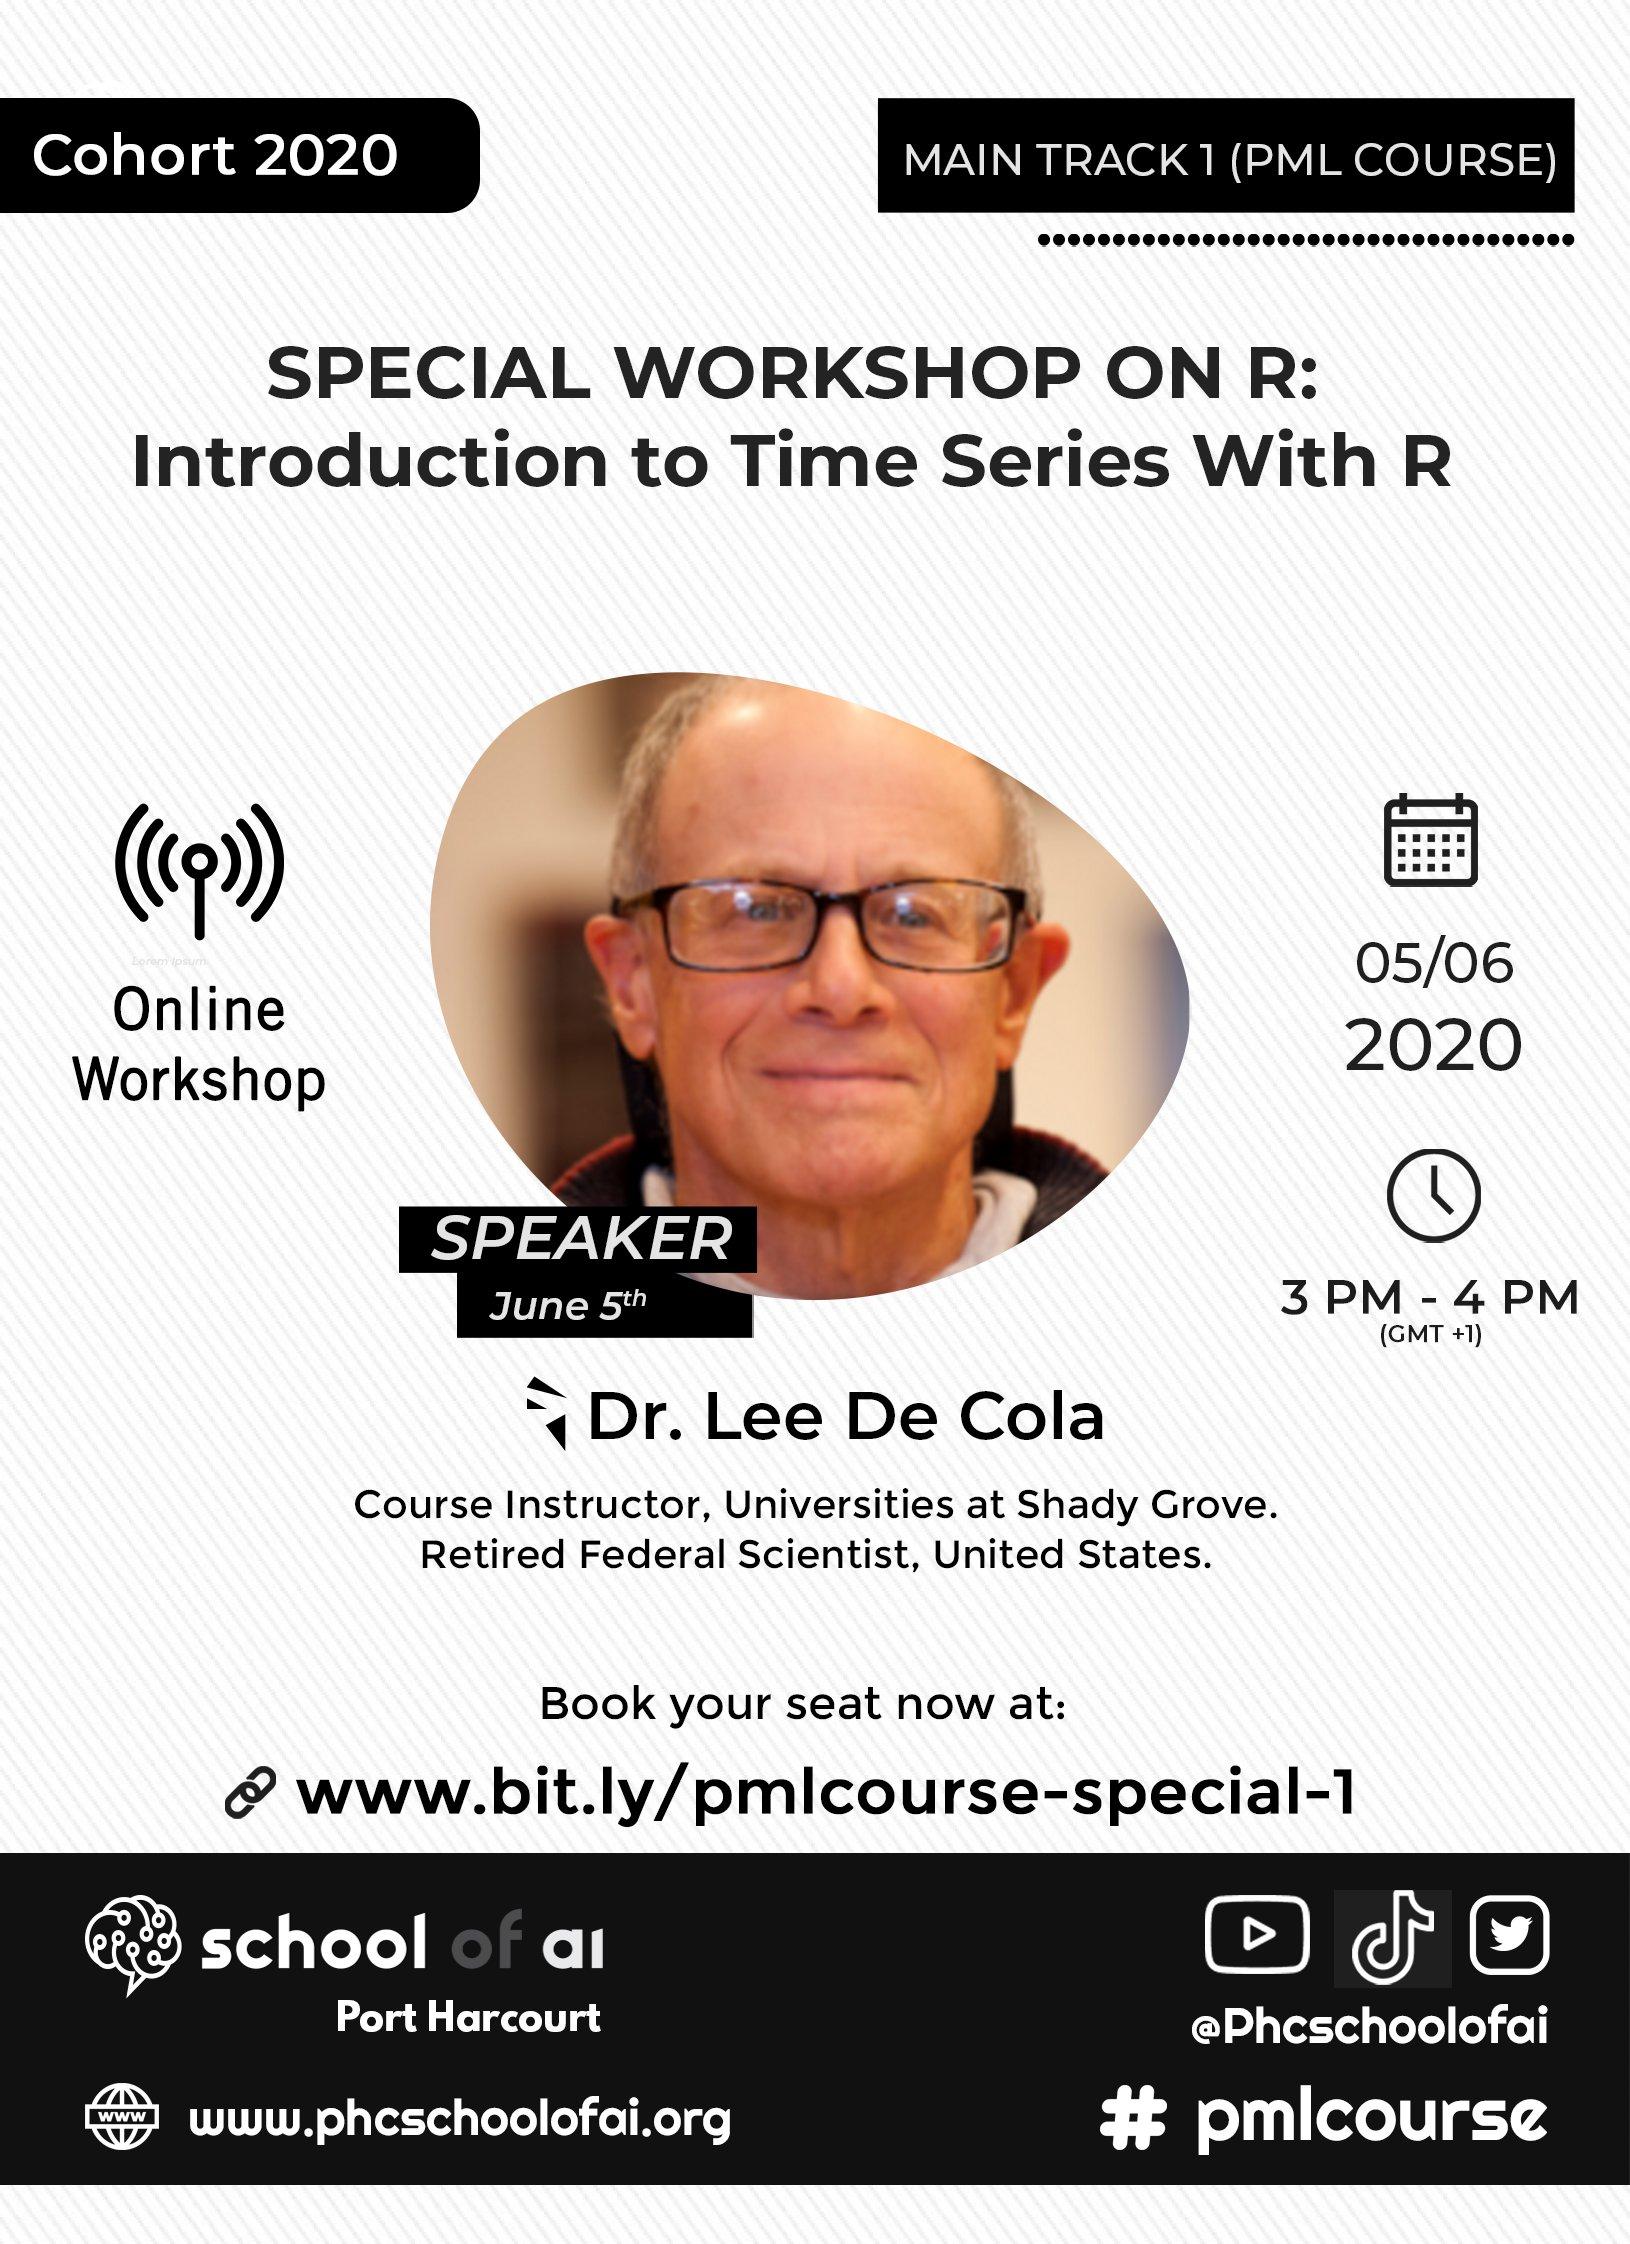 Dr Lee De Cola's Workshop on R